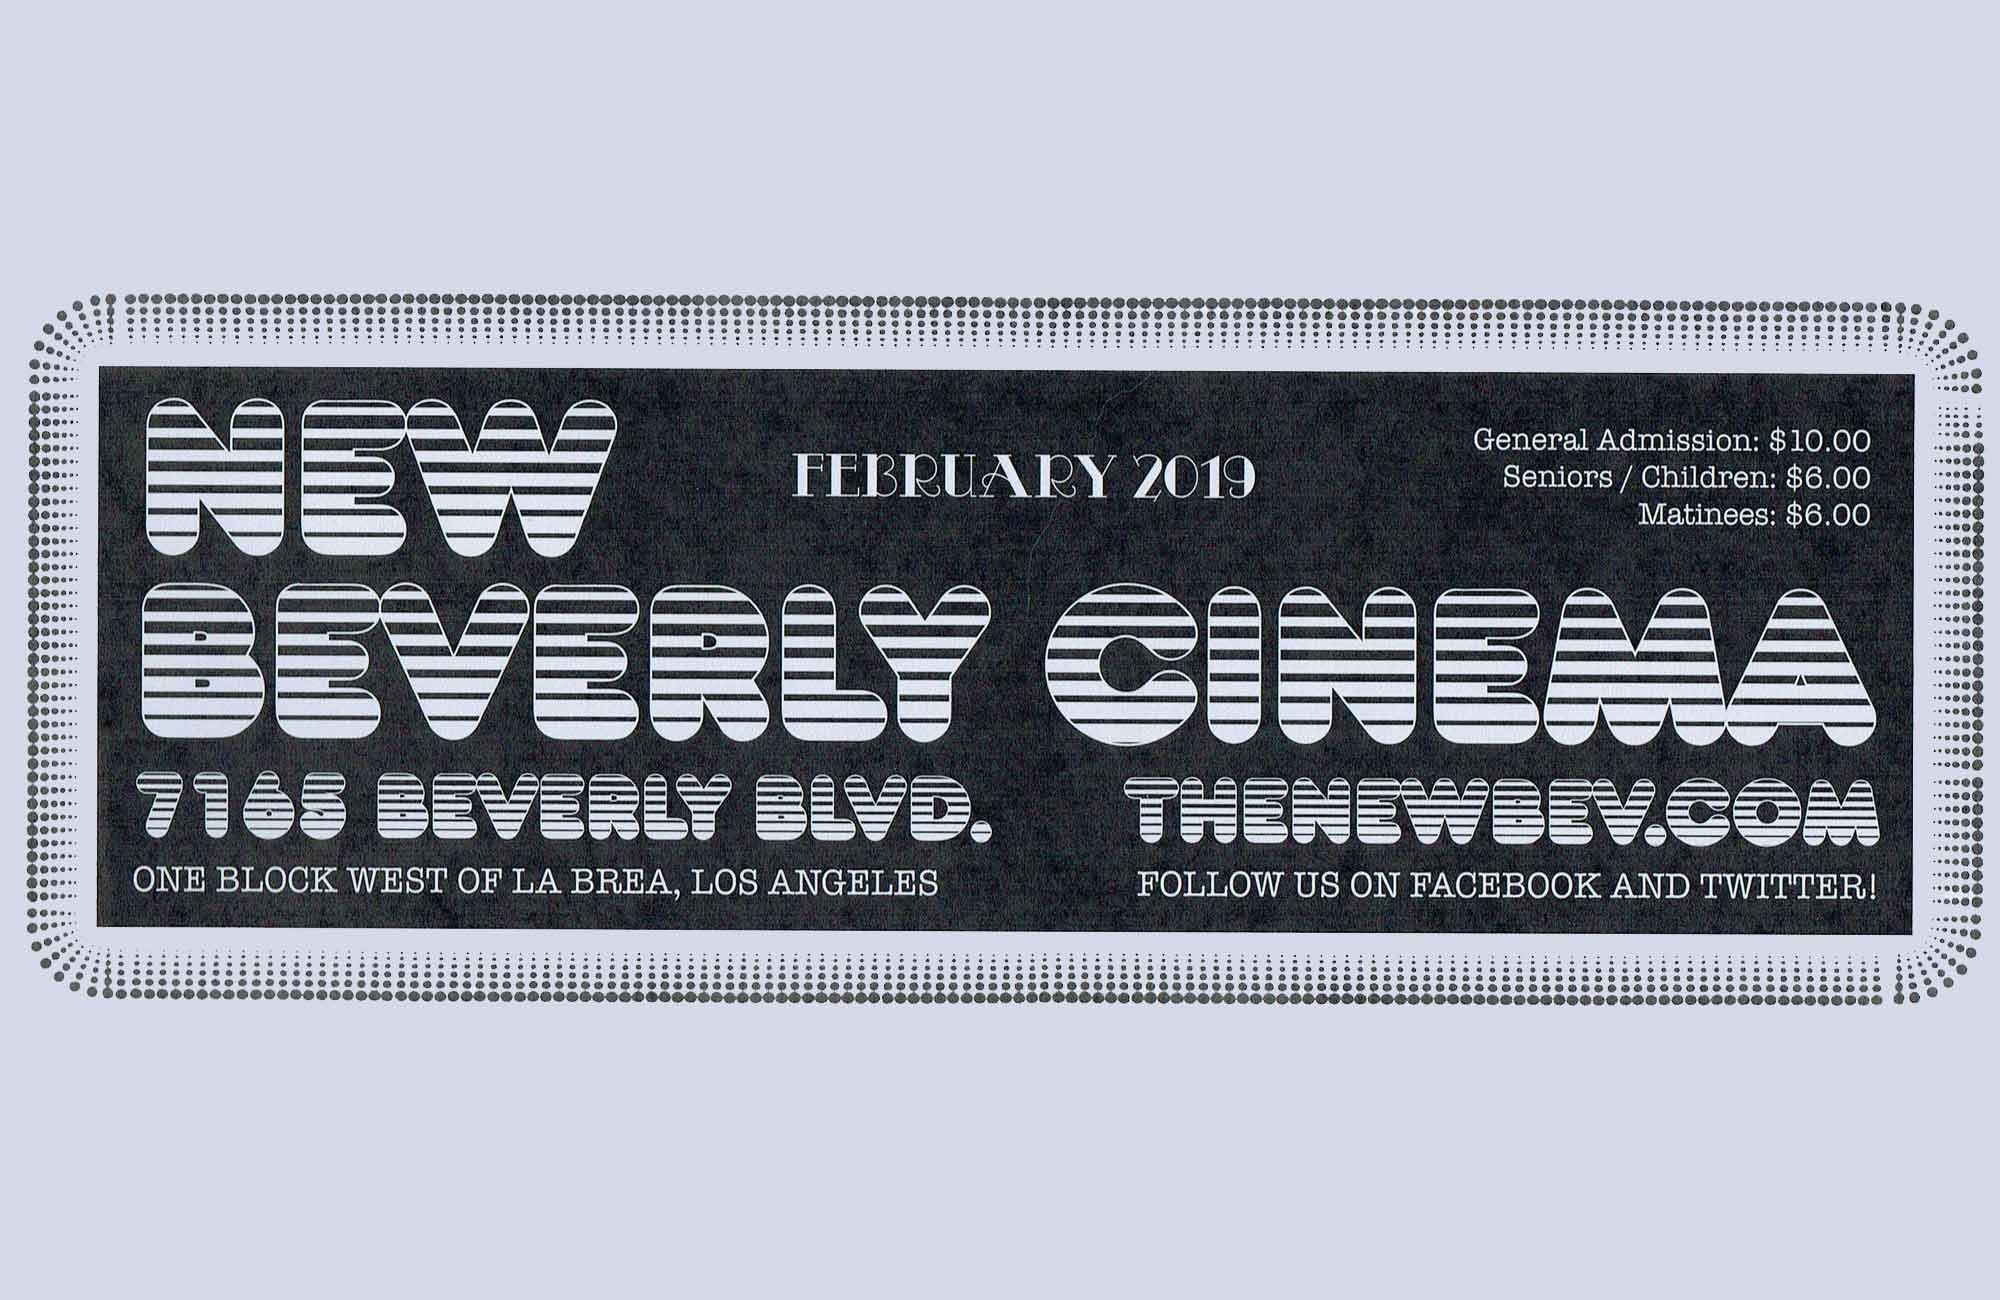 Pure Cinema Podcast: February '19 Calendar